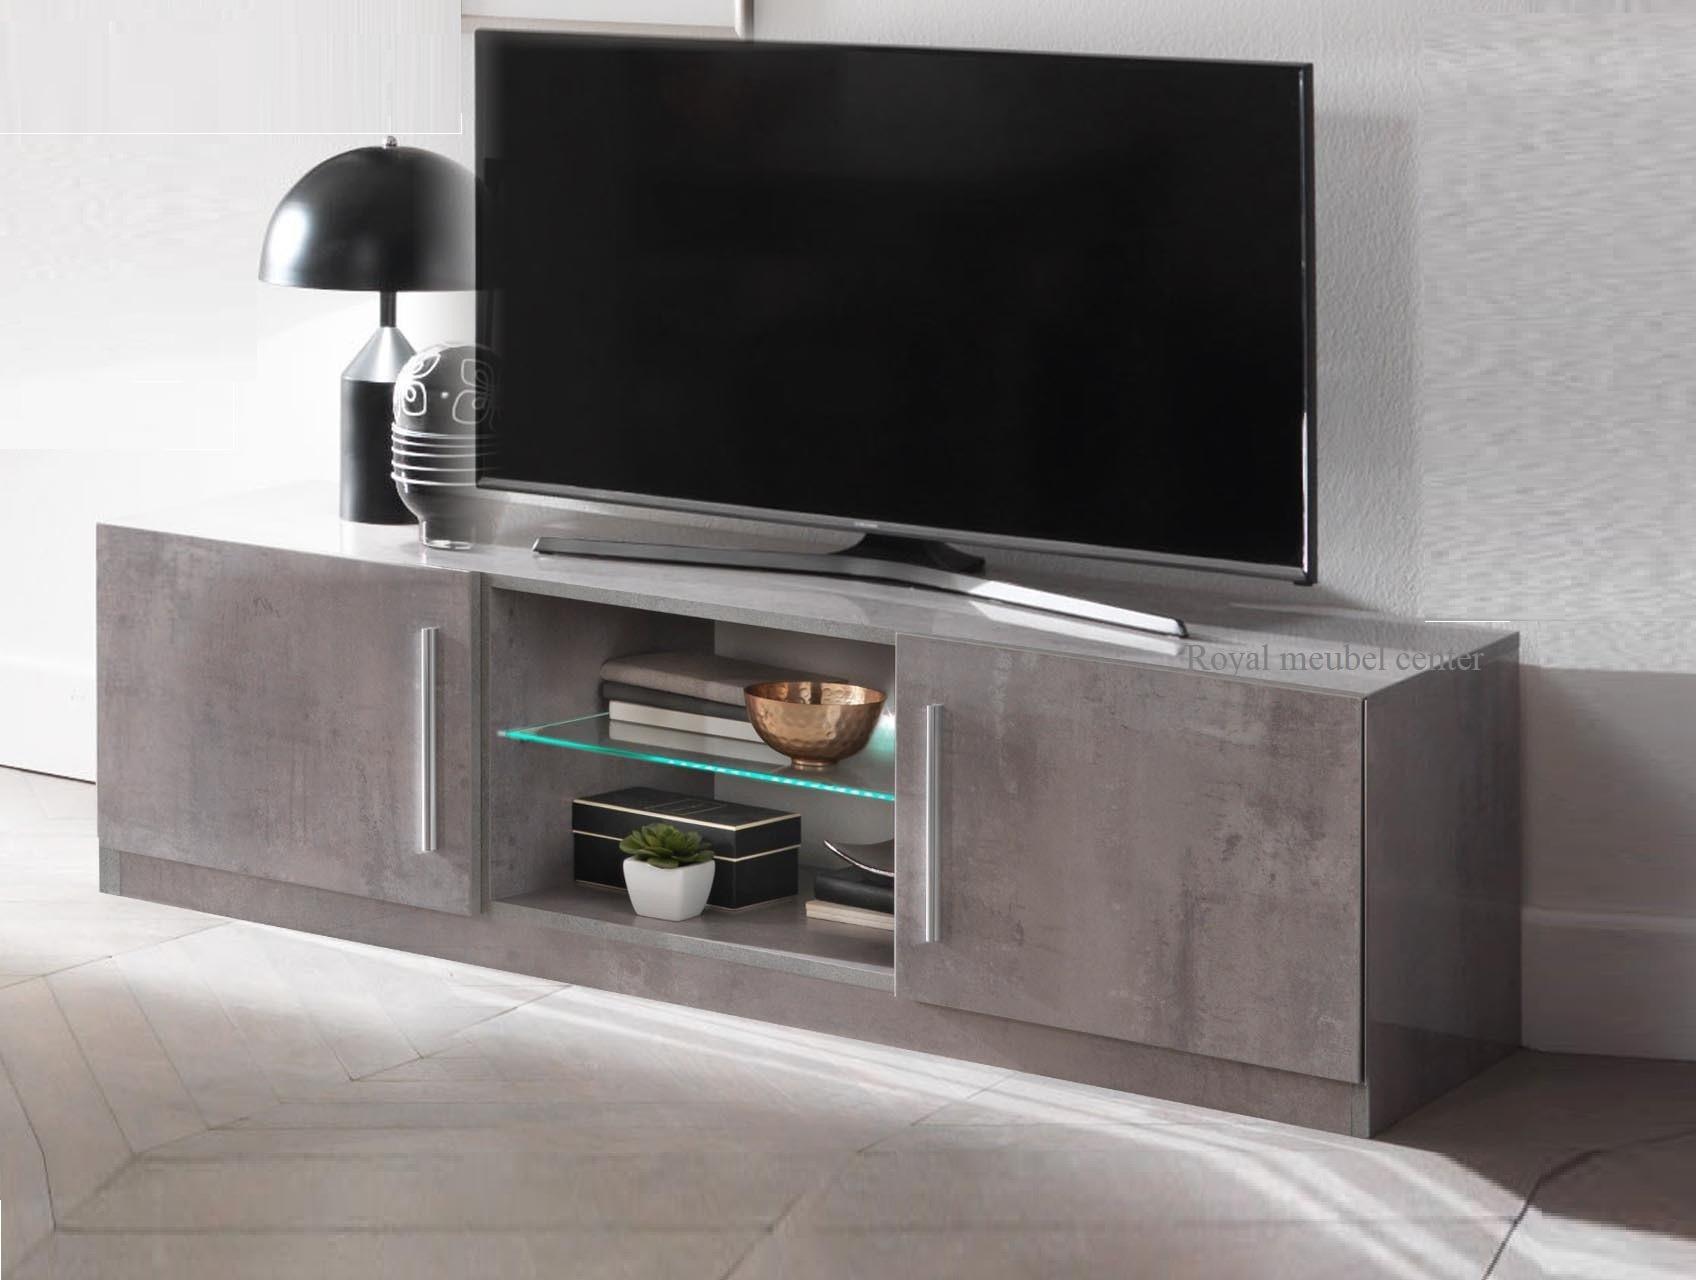 Tv Plasma Kast.Tv Meubel Granada Hoogglans Marmer Beton 156 Cm Met Led Lamp Tv